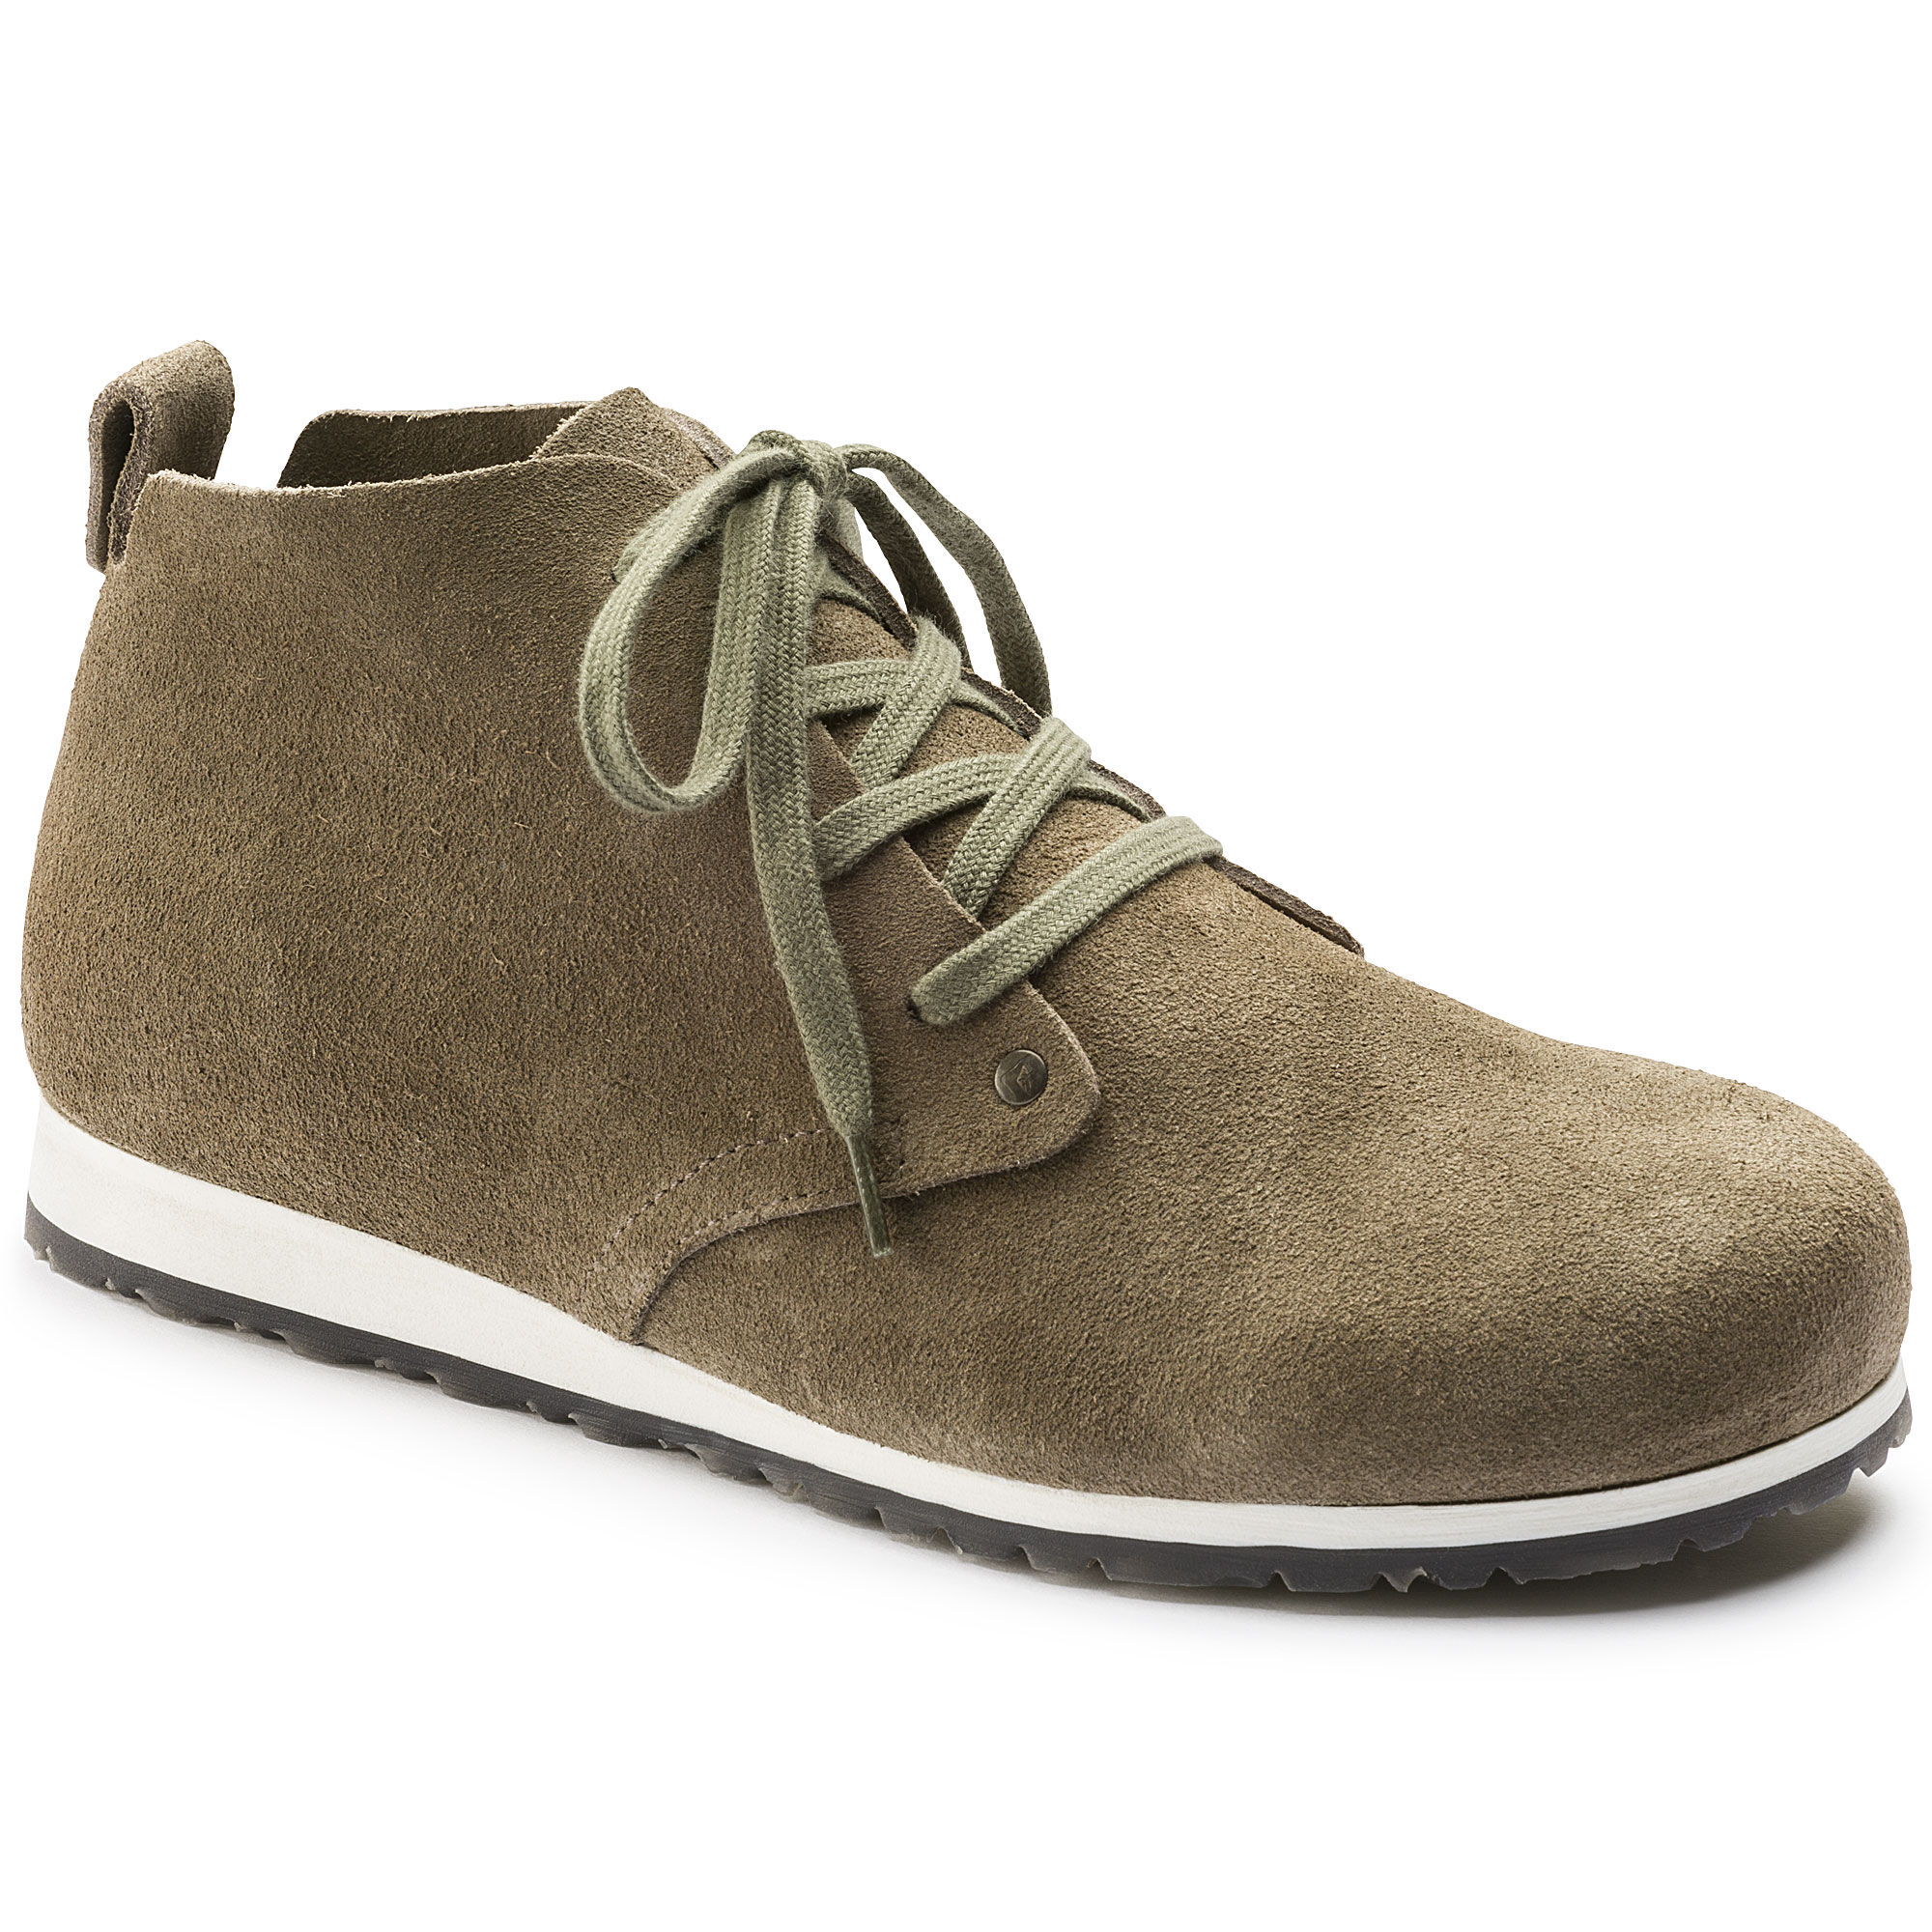 Birkenstock Birkenstock Birkenstock Maine Zapatos de cordones de Piel para mujer Marrón 79ddb4